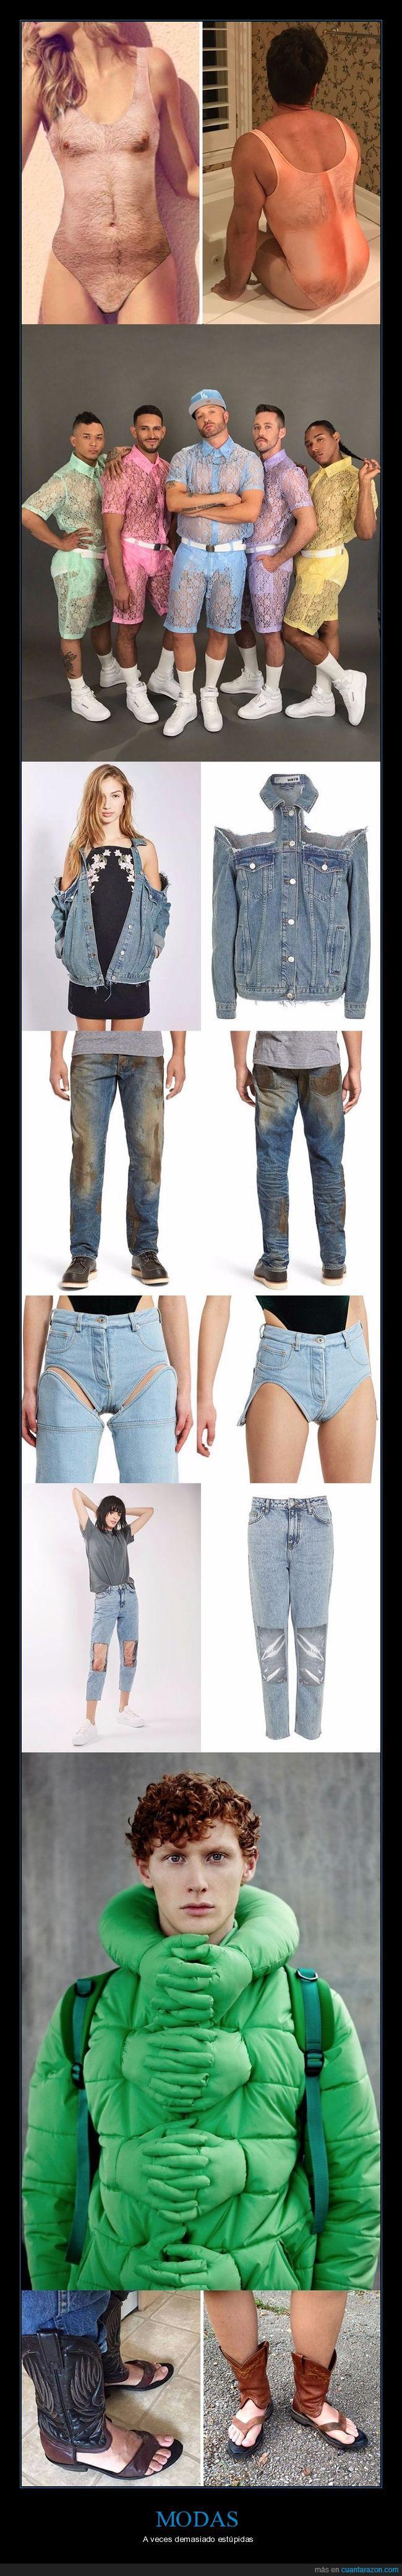 estúpidas,modas